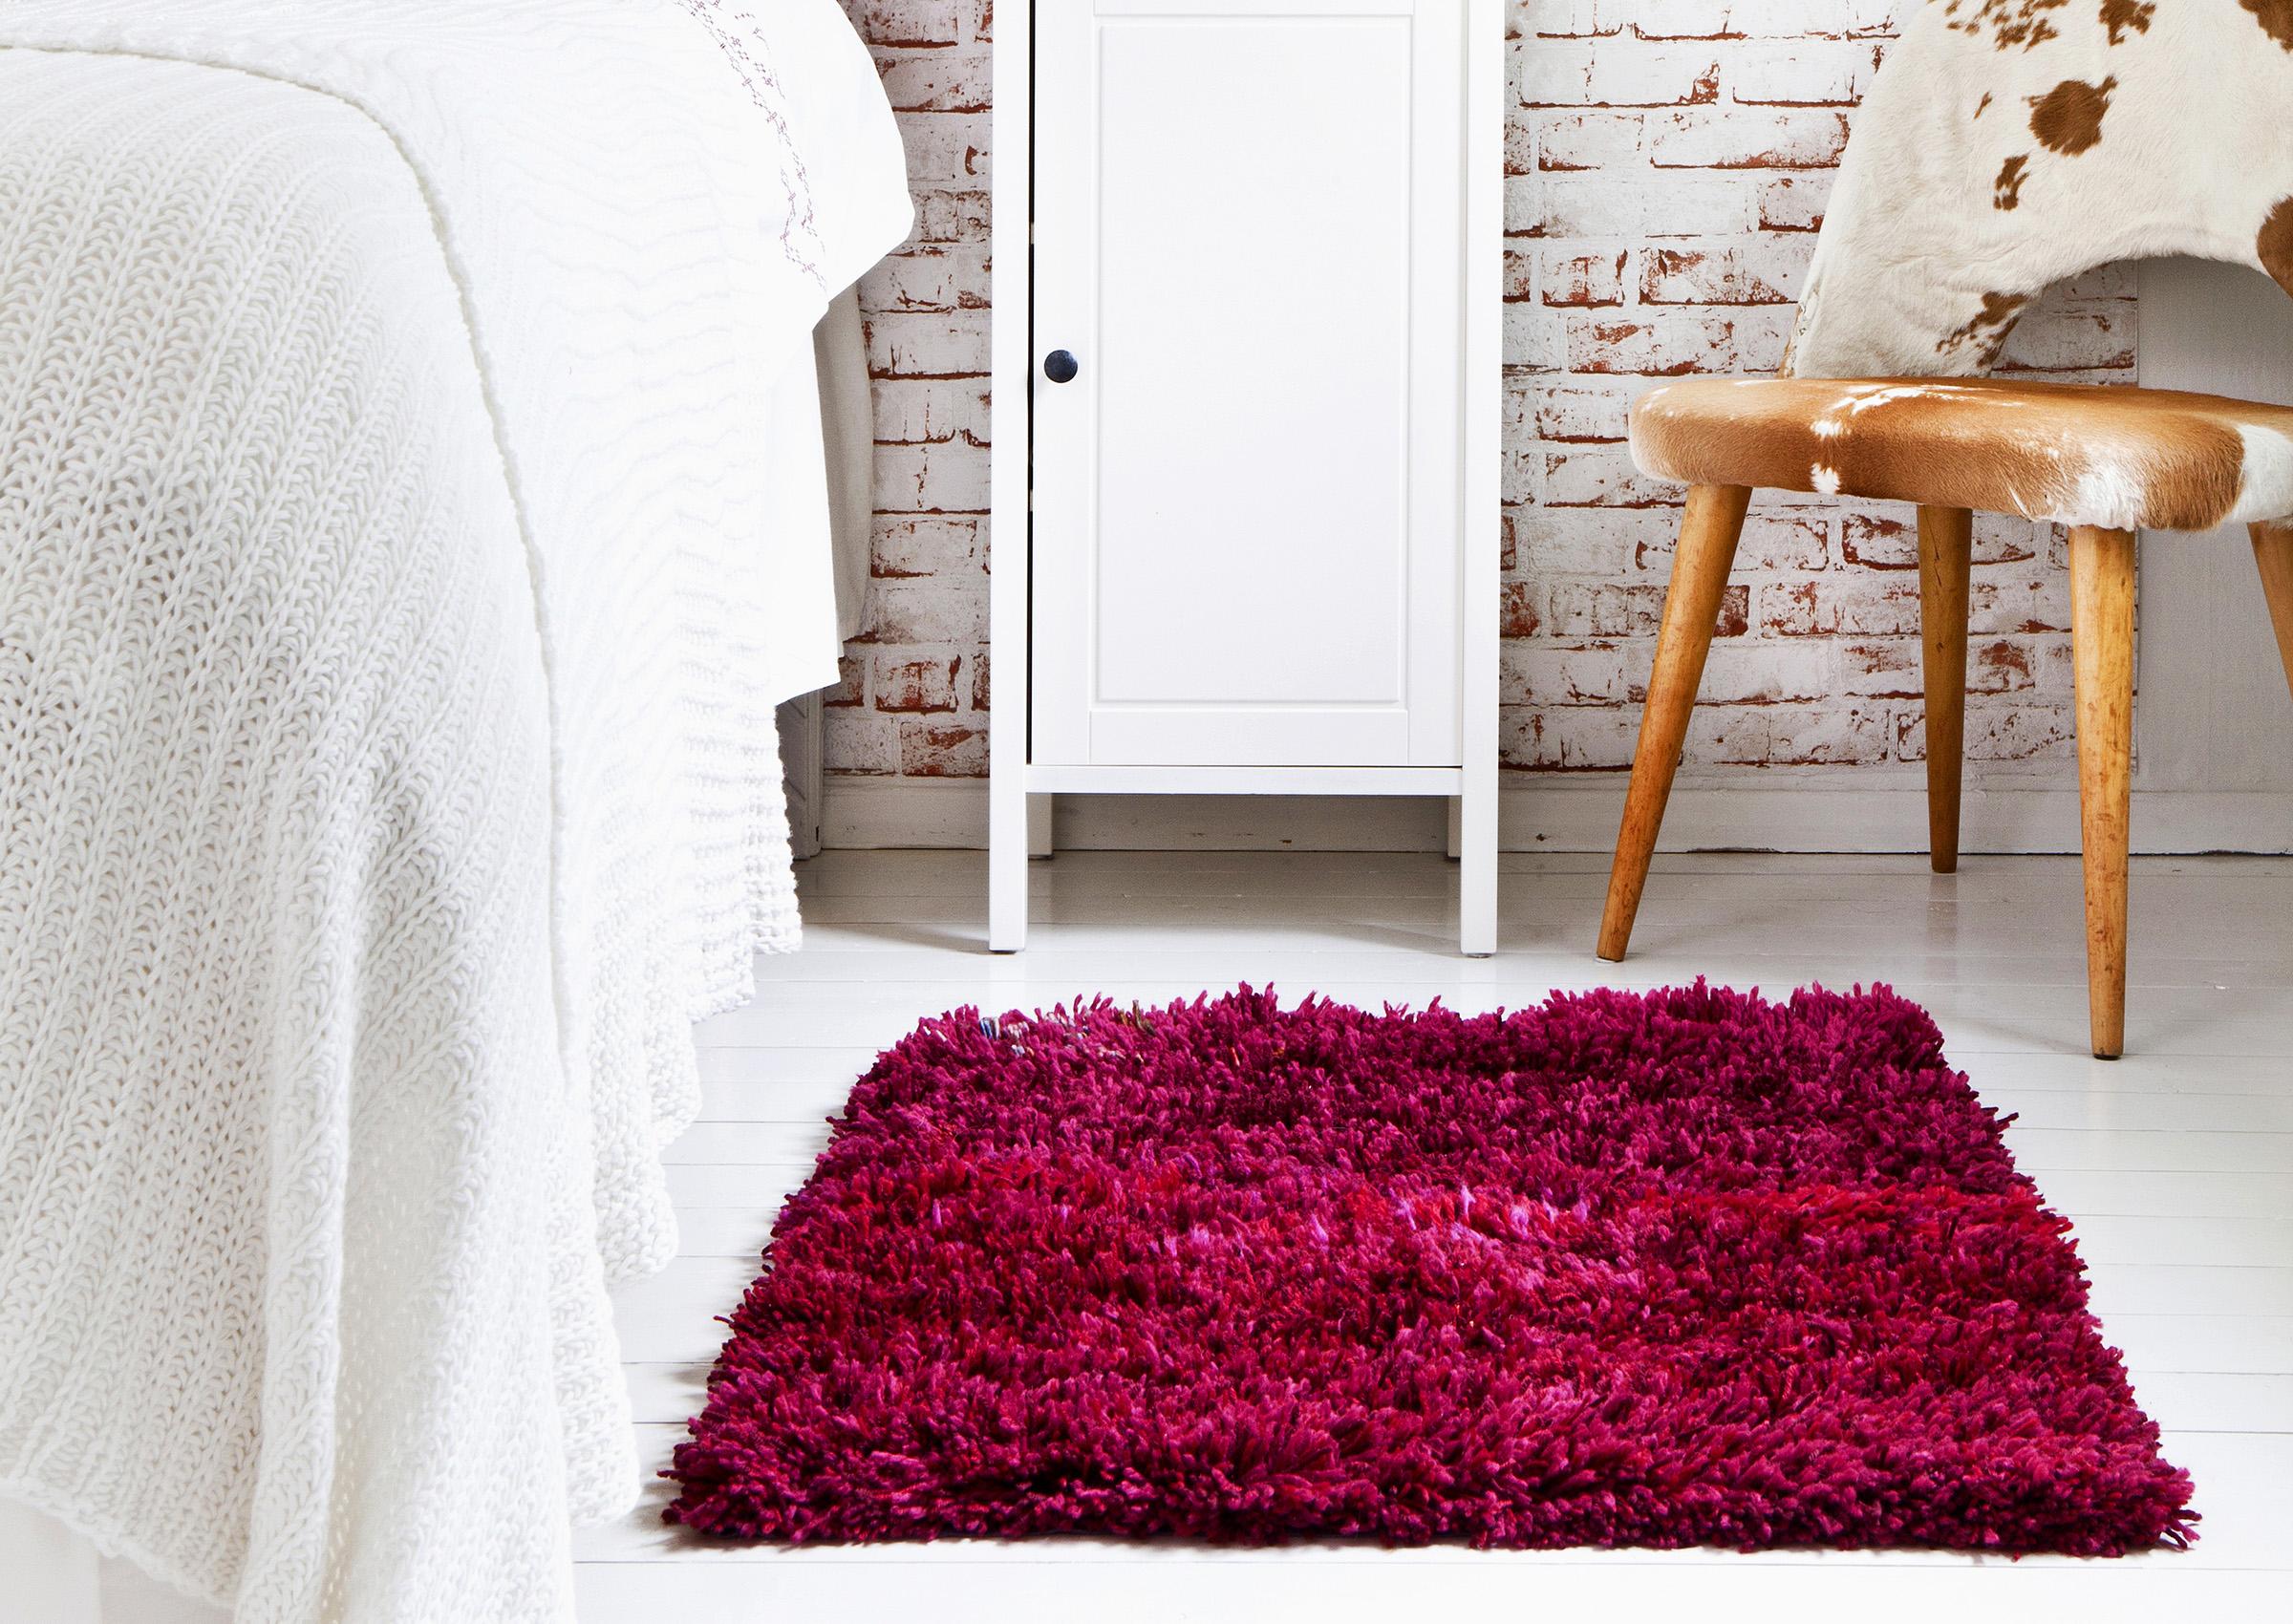 Olohuoneen matto vai keittiön matto? Meiltä löydät matot kaikkiin huoneisiin